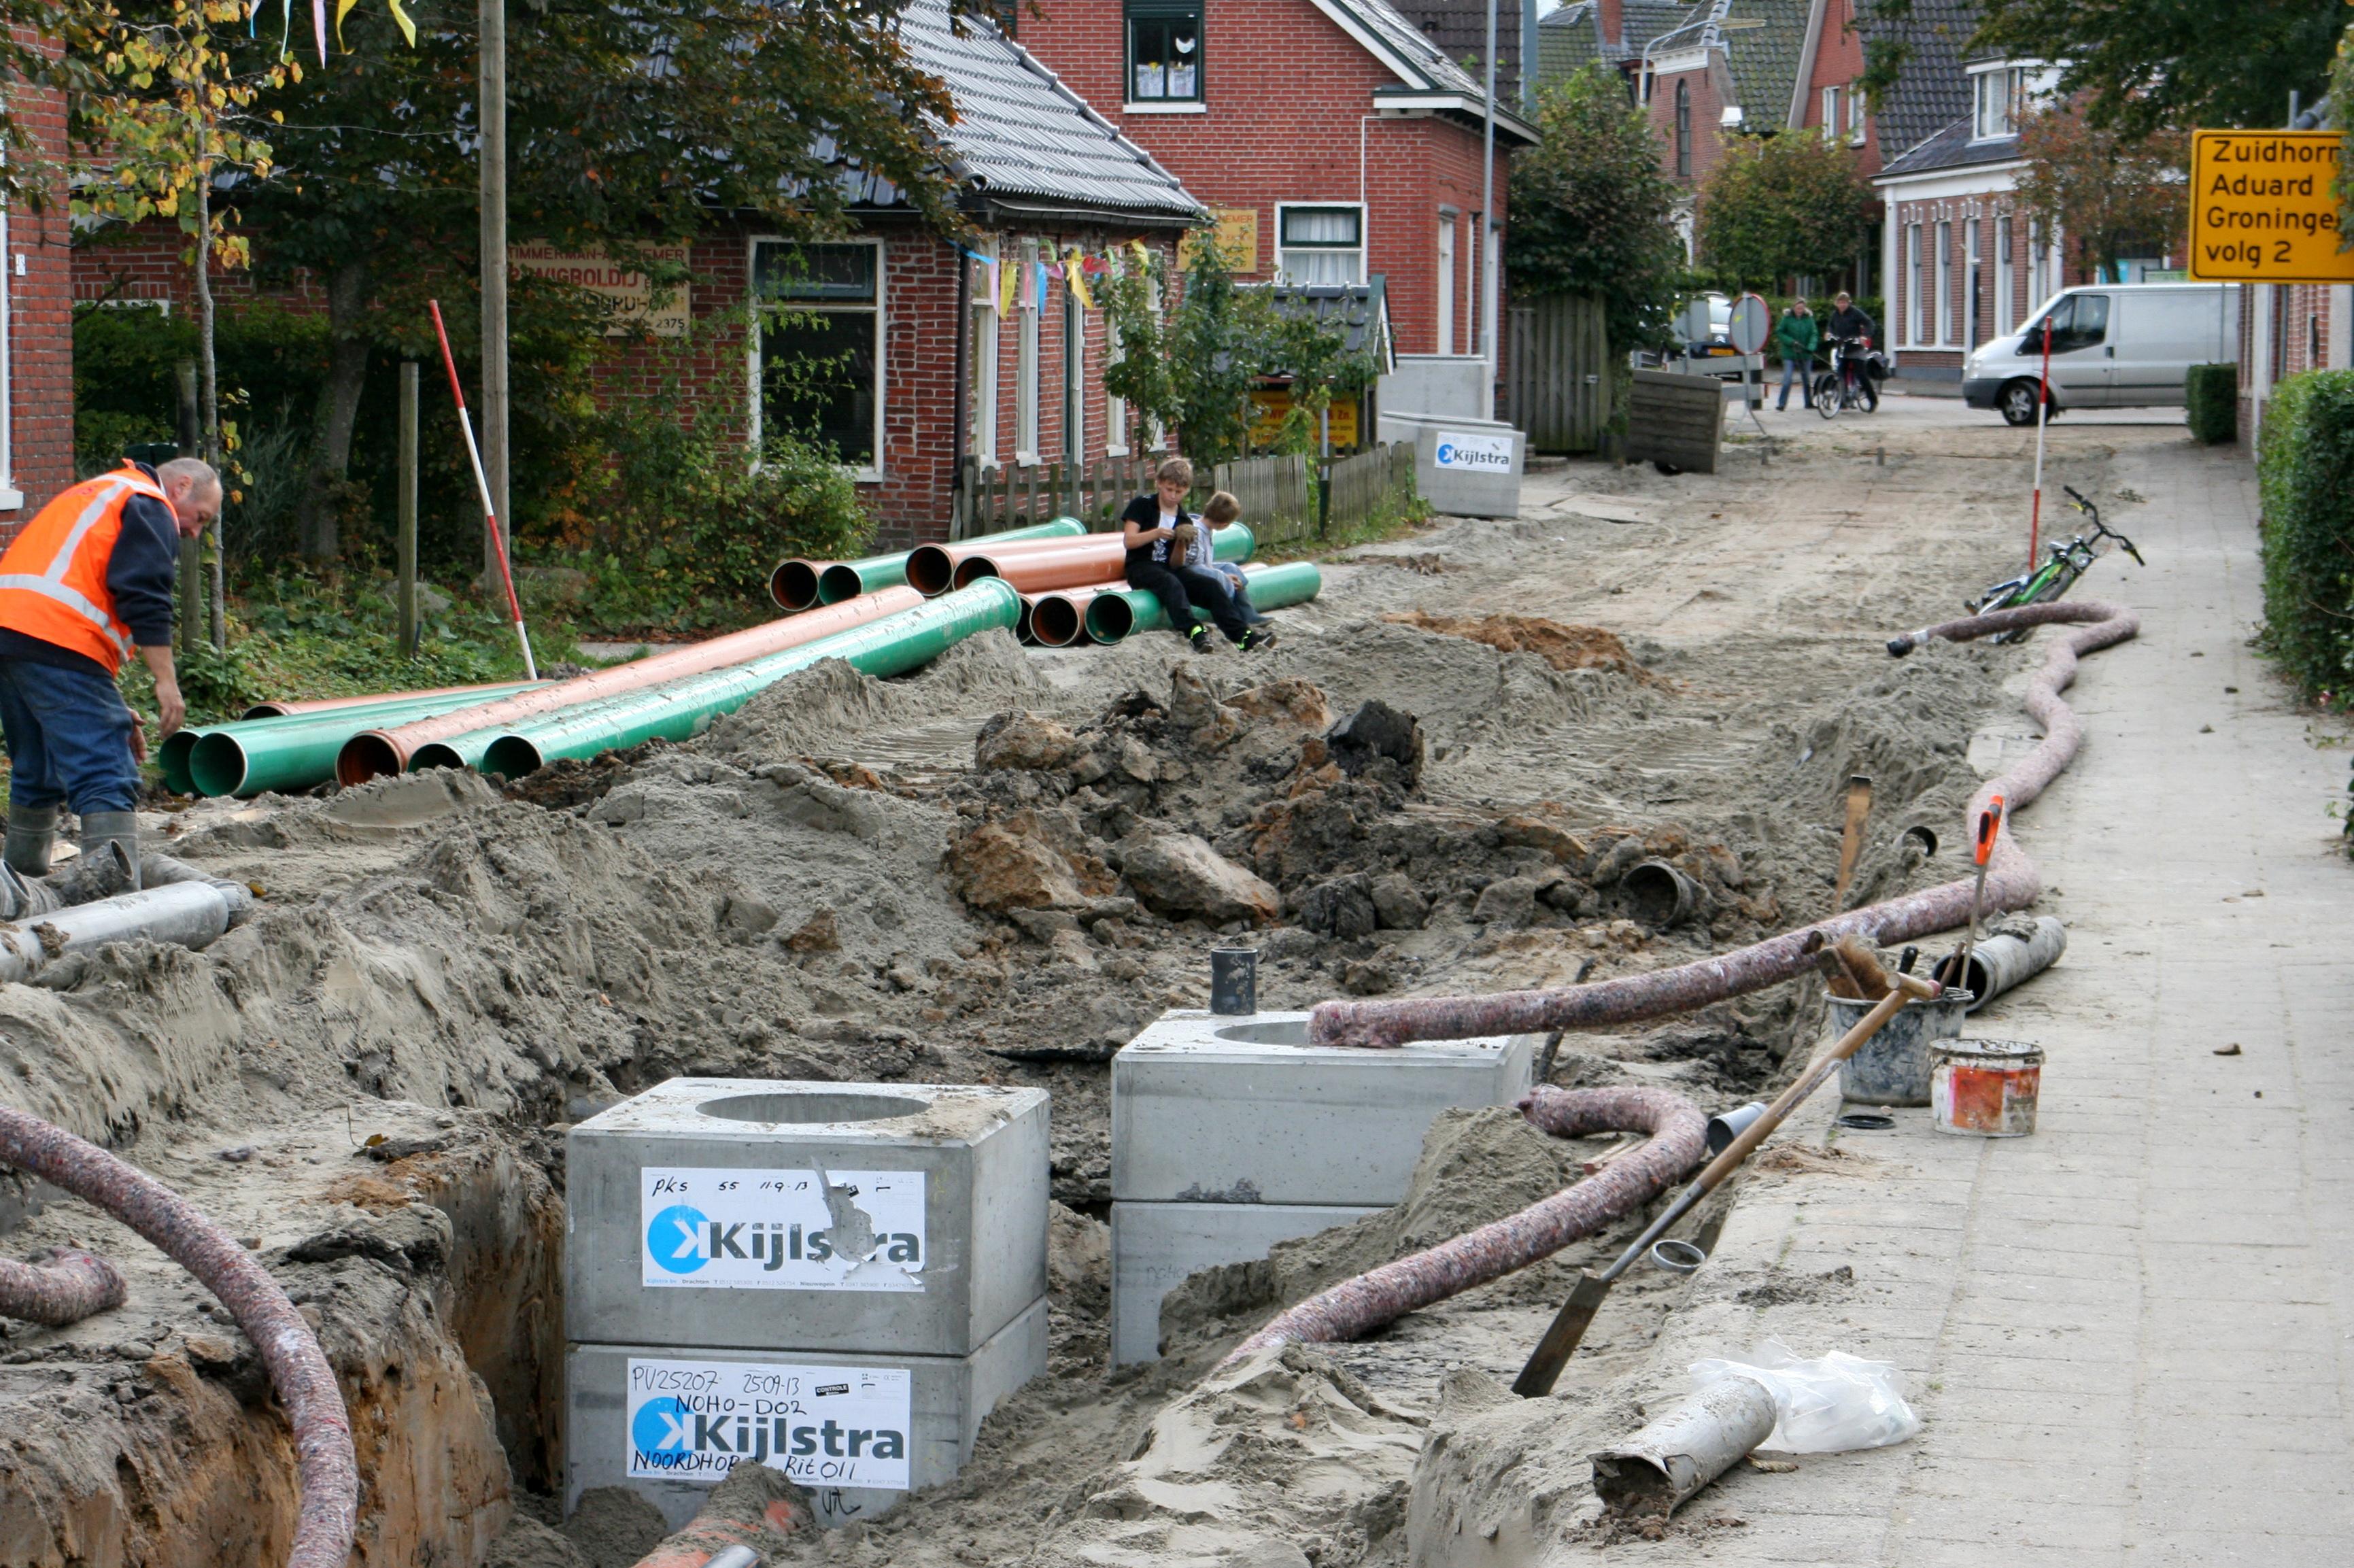 Noordhorn verandert fotojournaal woensdag 9 oktober 2013 aflevering 2 van abraham tot jan - Maak een gang ...